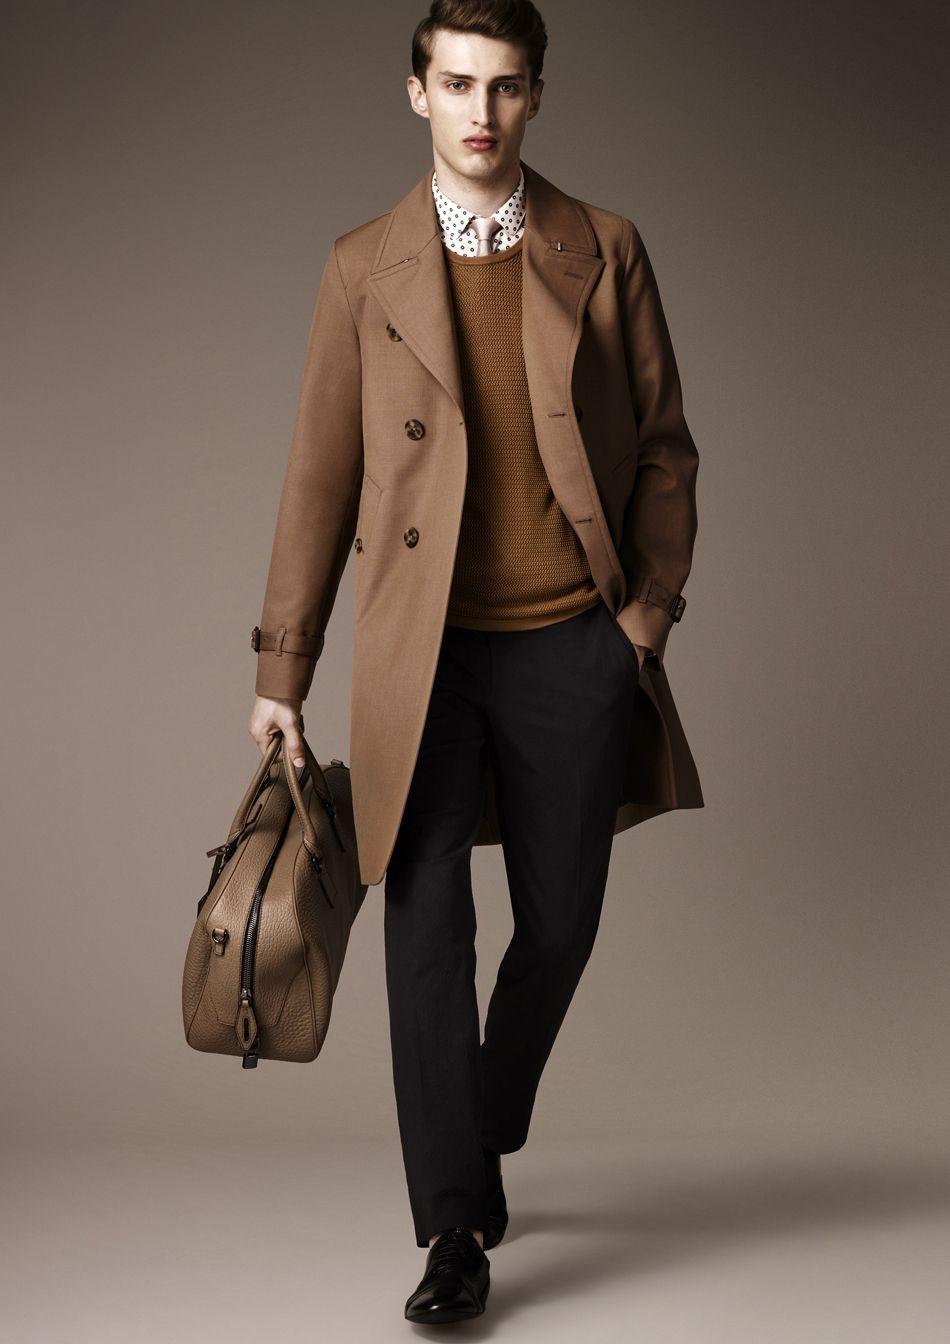 Comment bien porter un trench     Look   Fashion for Men   Pinterest ... ef5f8228022e